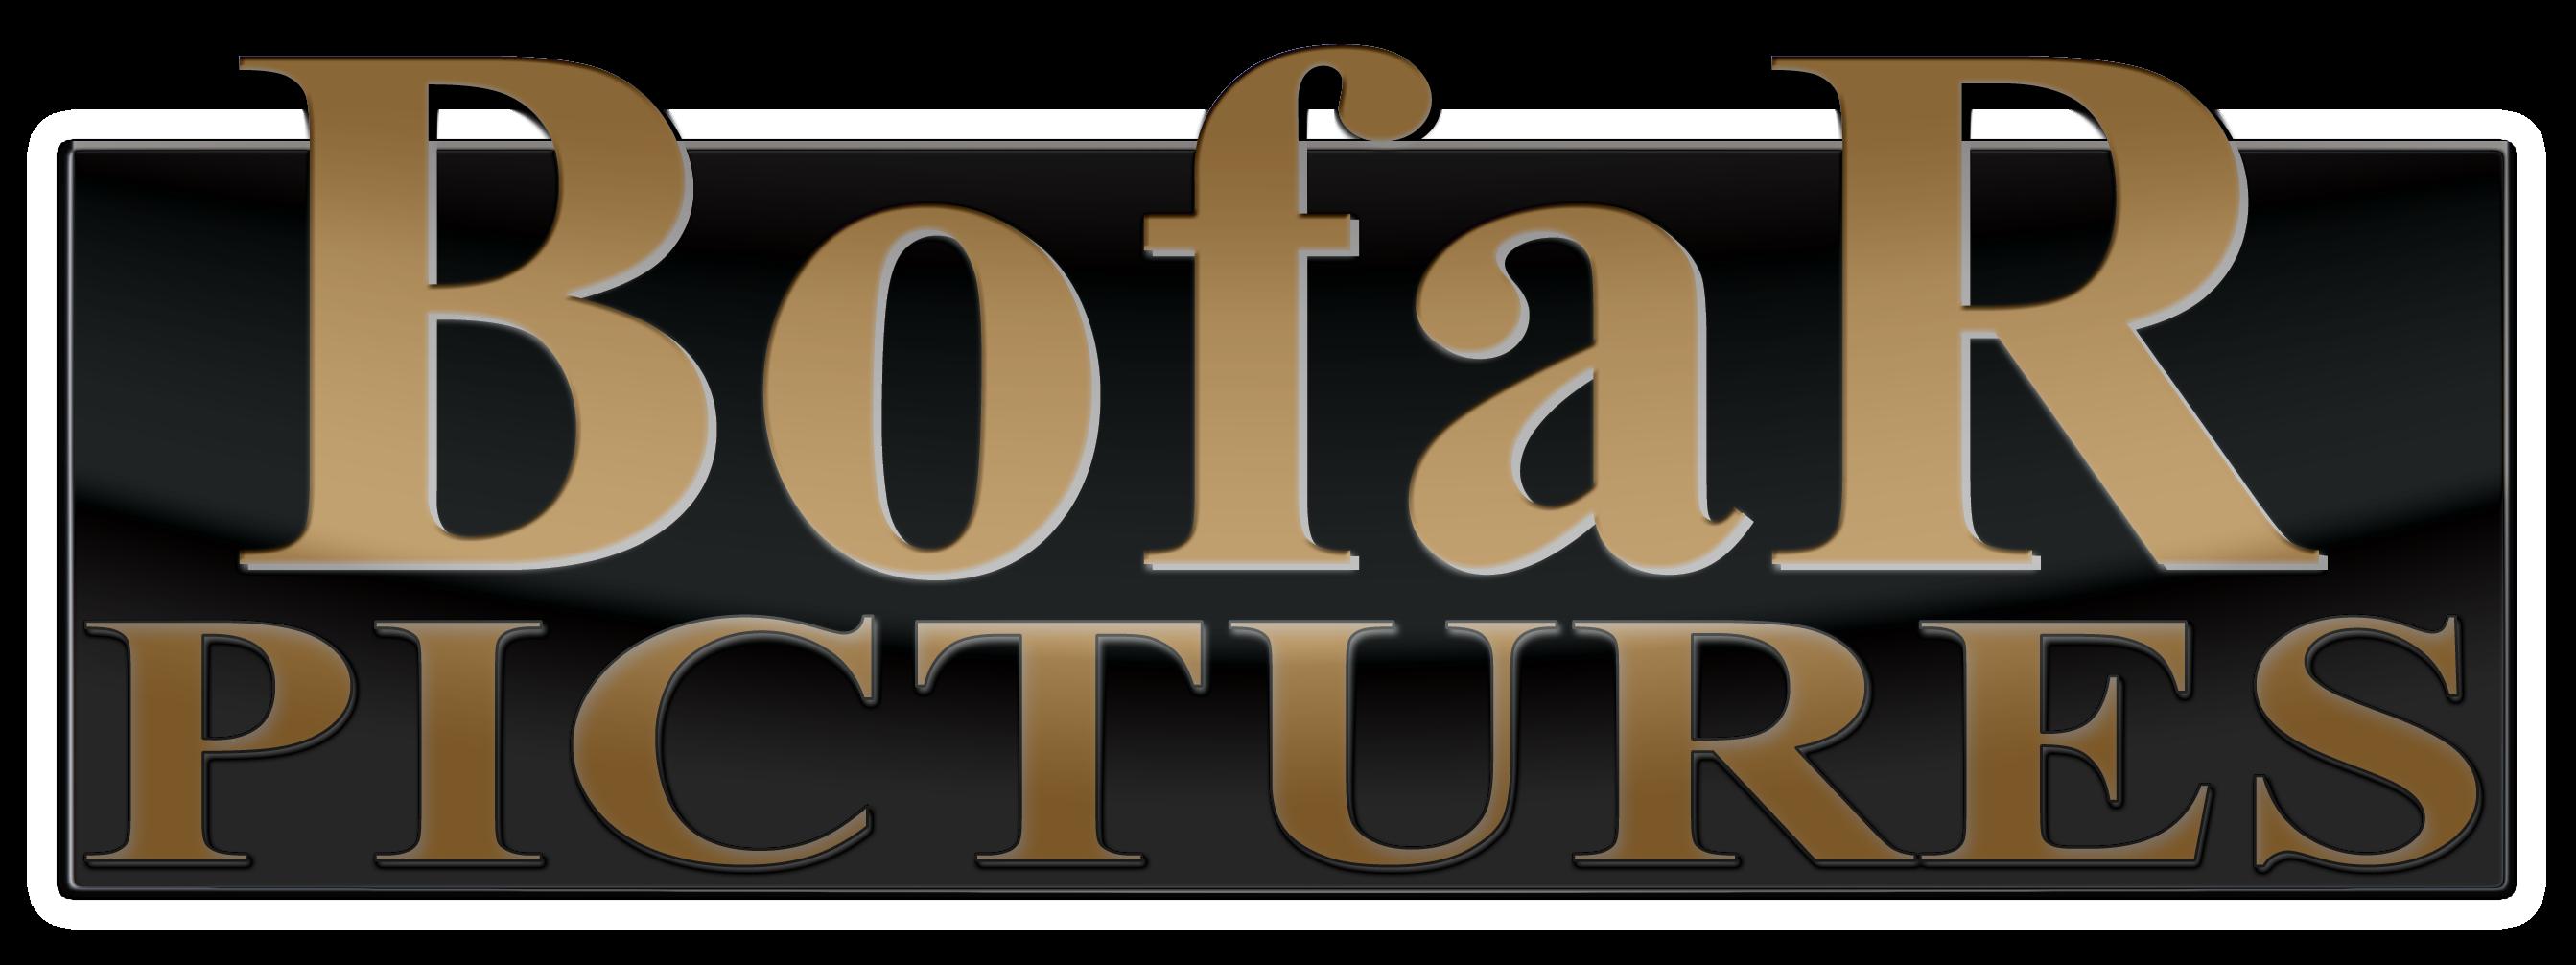 Bofar Pictures